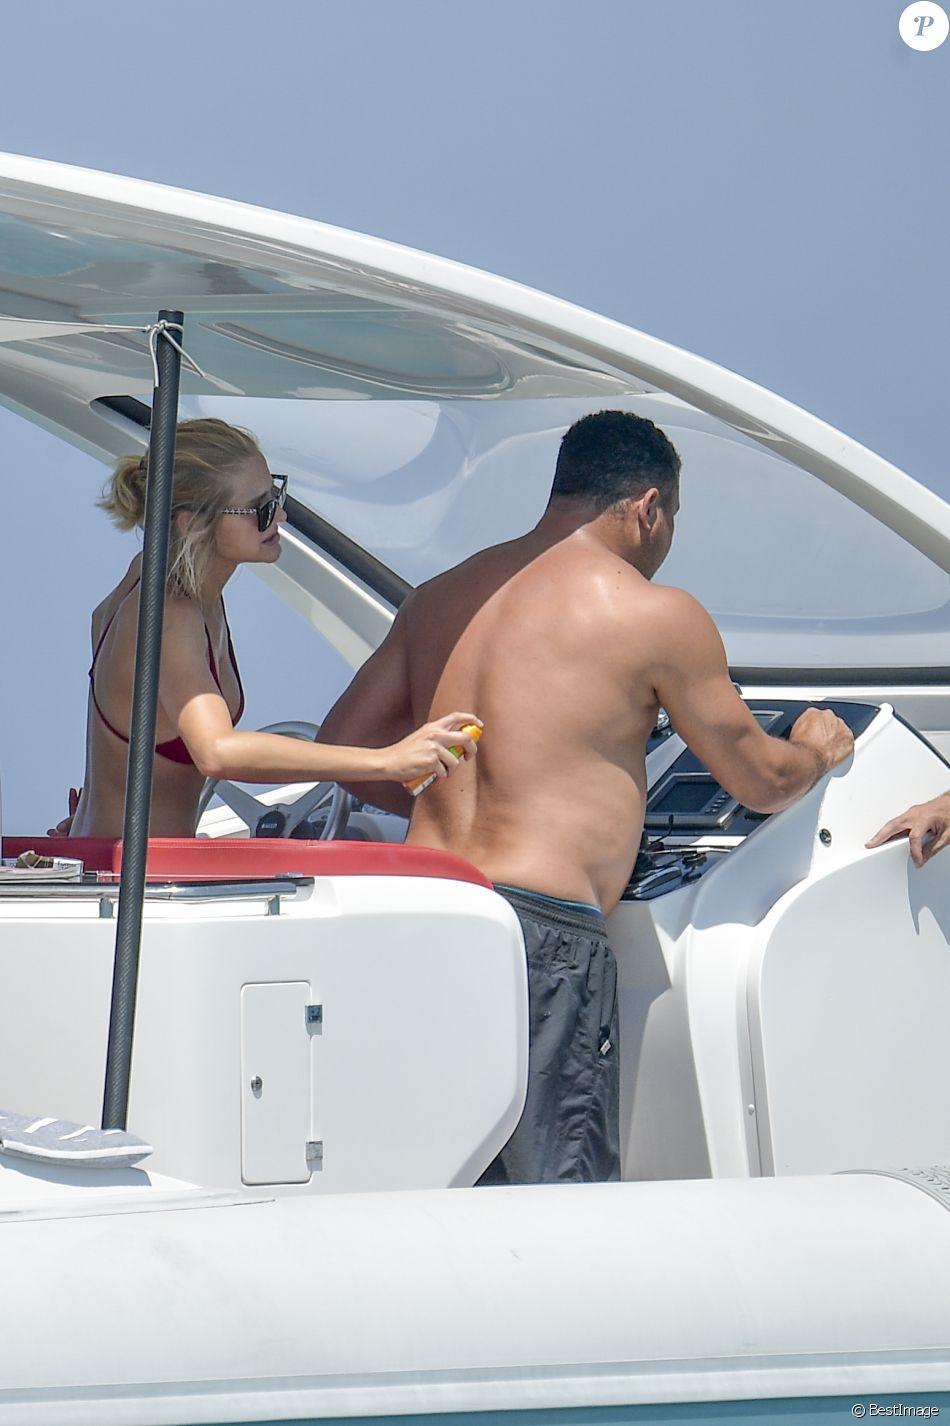 Exclusif - L'ancien footballeur brésilien Ronaldo Luis Nazario de Lima et sa compagne Celina Locks passent leurs vacances sur un yacht à Ibiza, Espagne, le 5 août 2017.